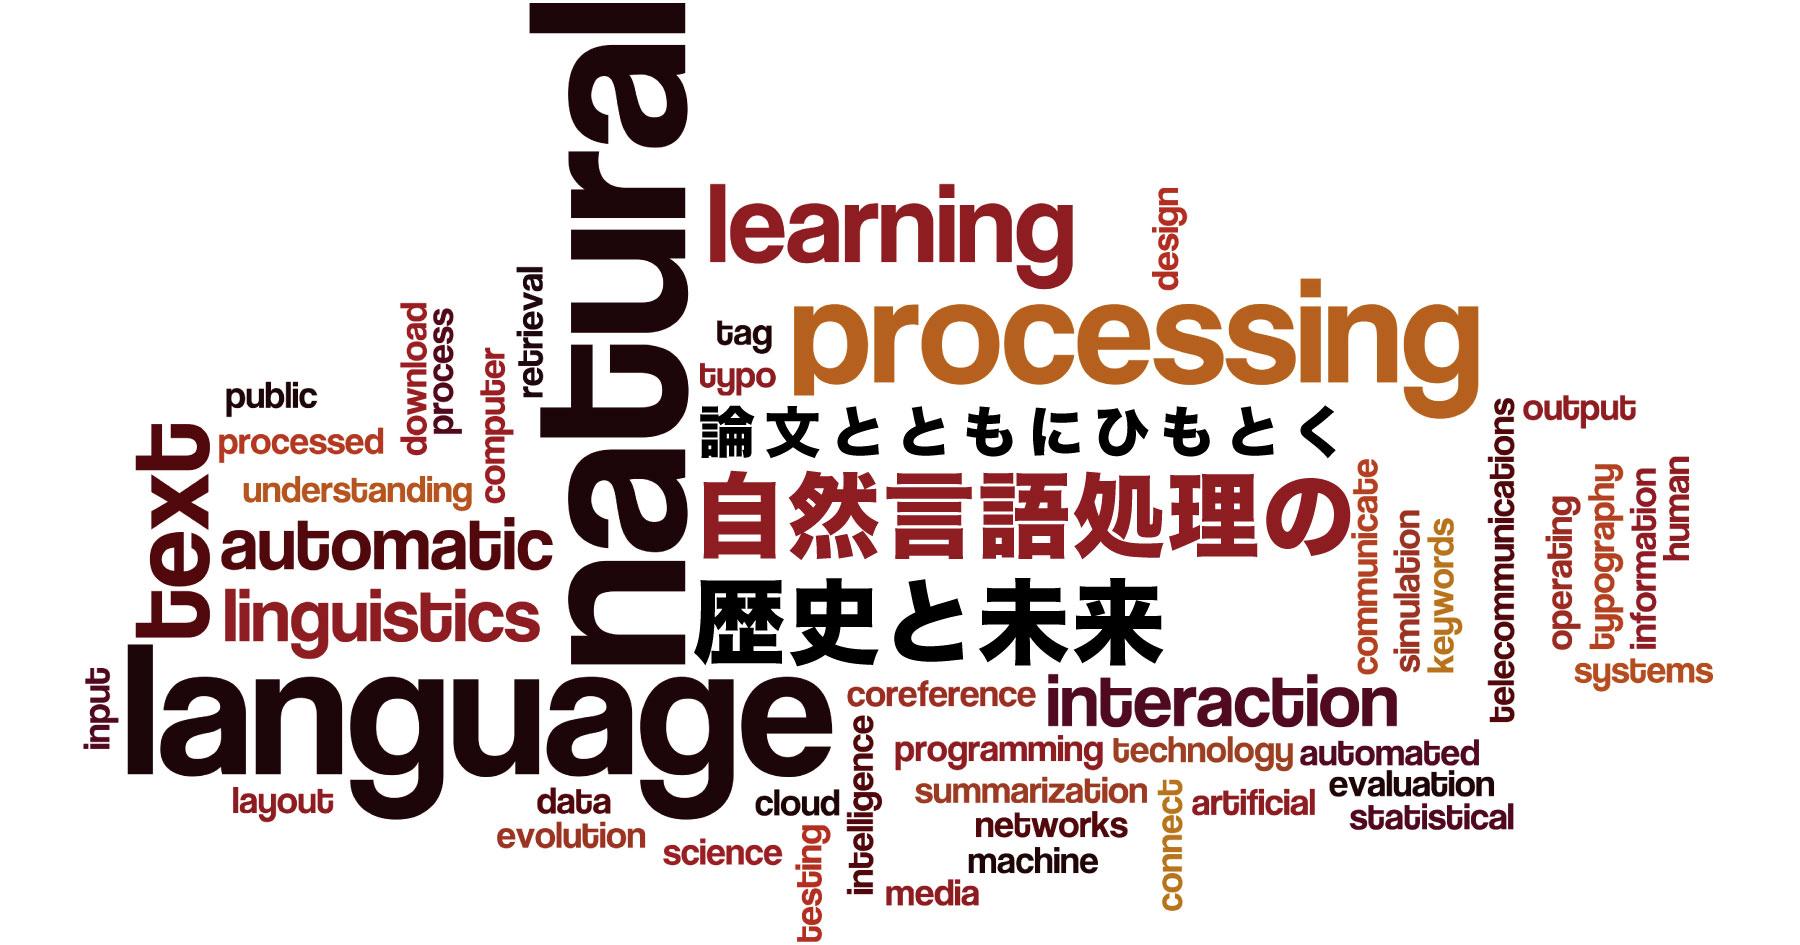 自然言語処理ってなに?課題は? 研究者に聞く、エンジニアが学術論文を読み解くための技術 #エンジニアHub - エンジニアHub|若手Webエンジニアのキャリアを考える!